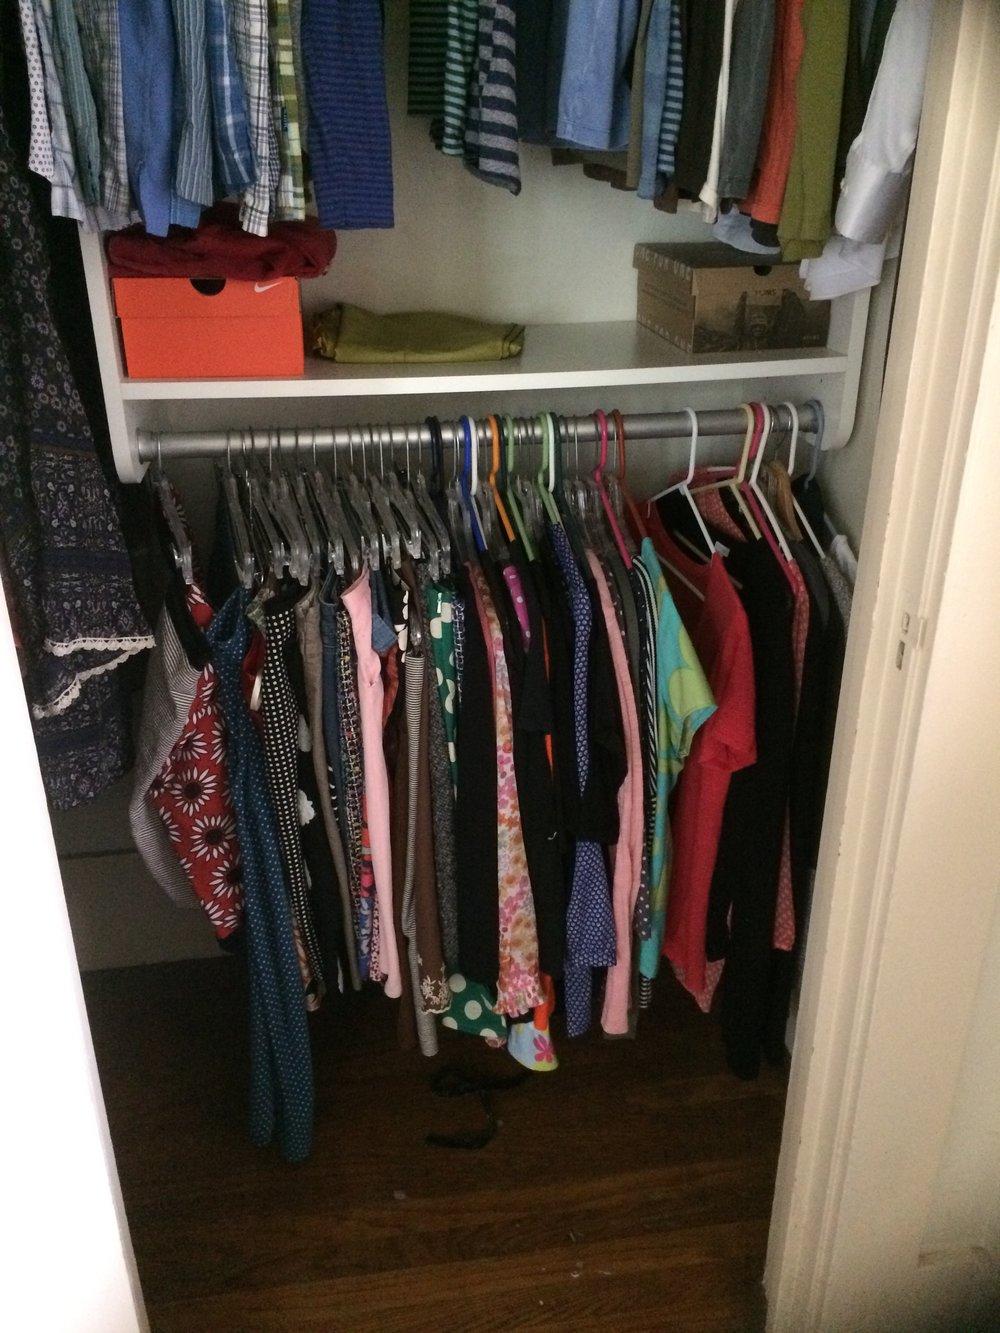 Closet View